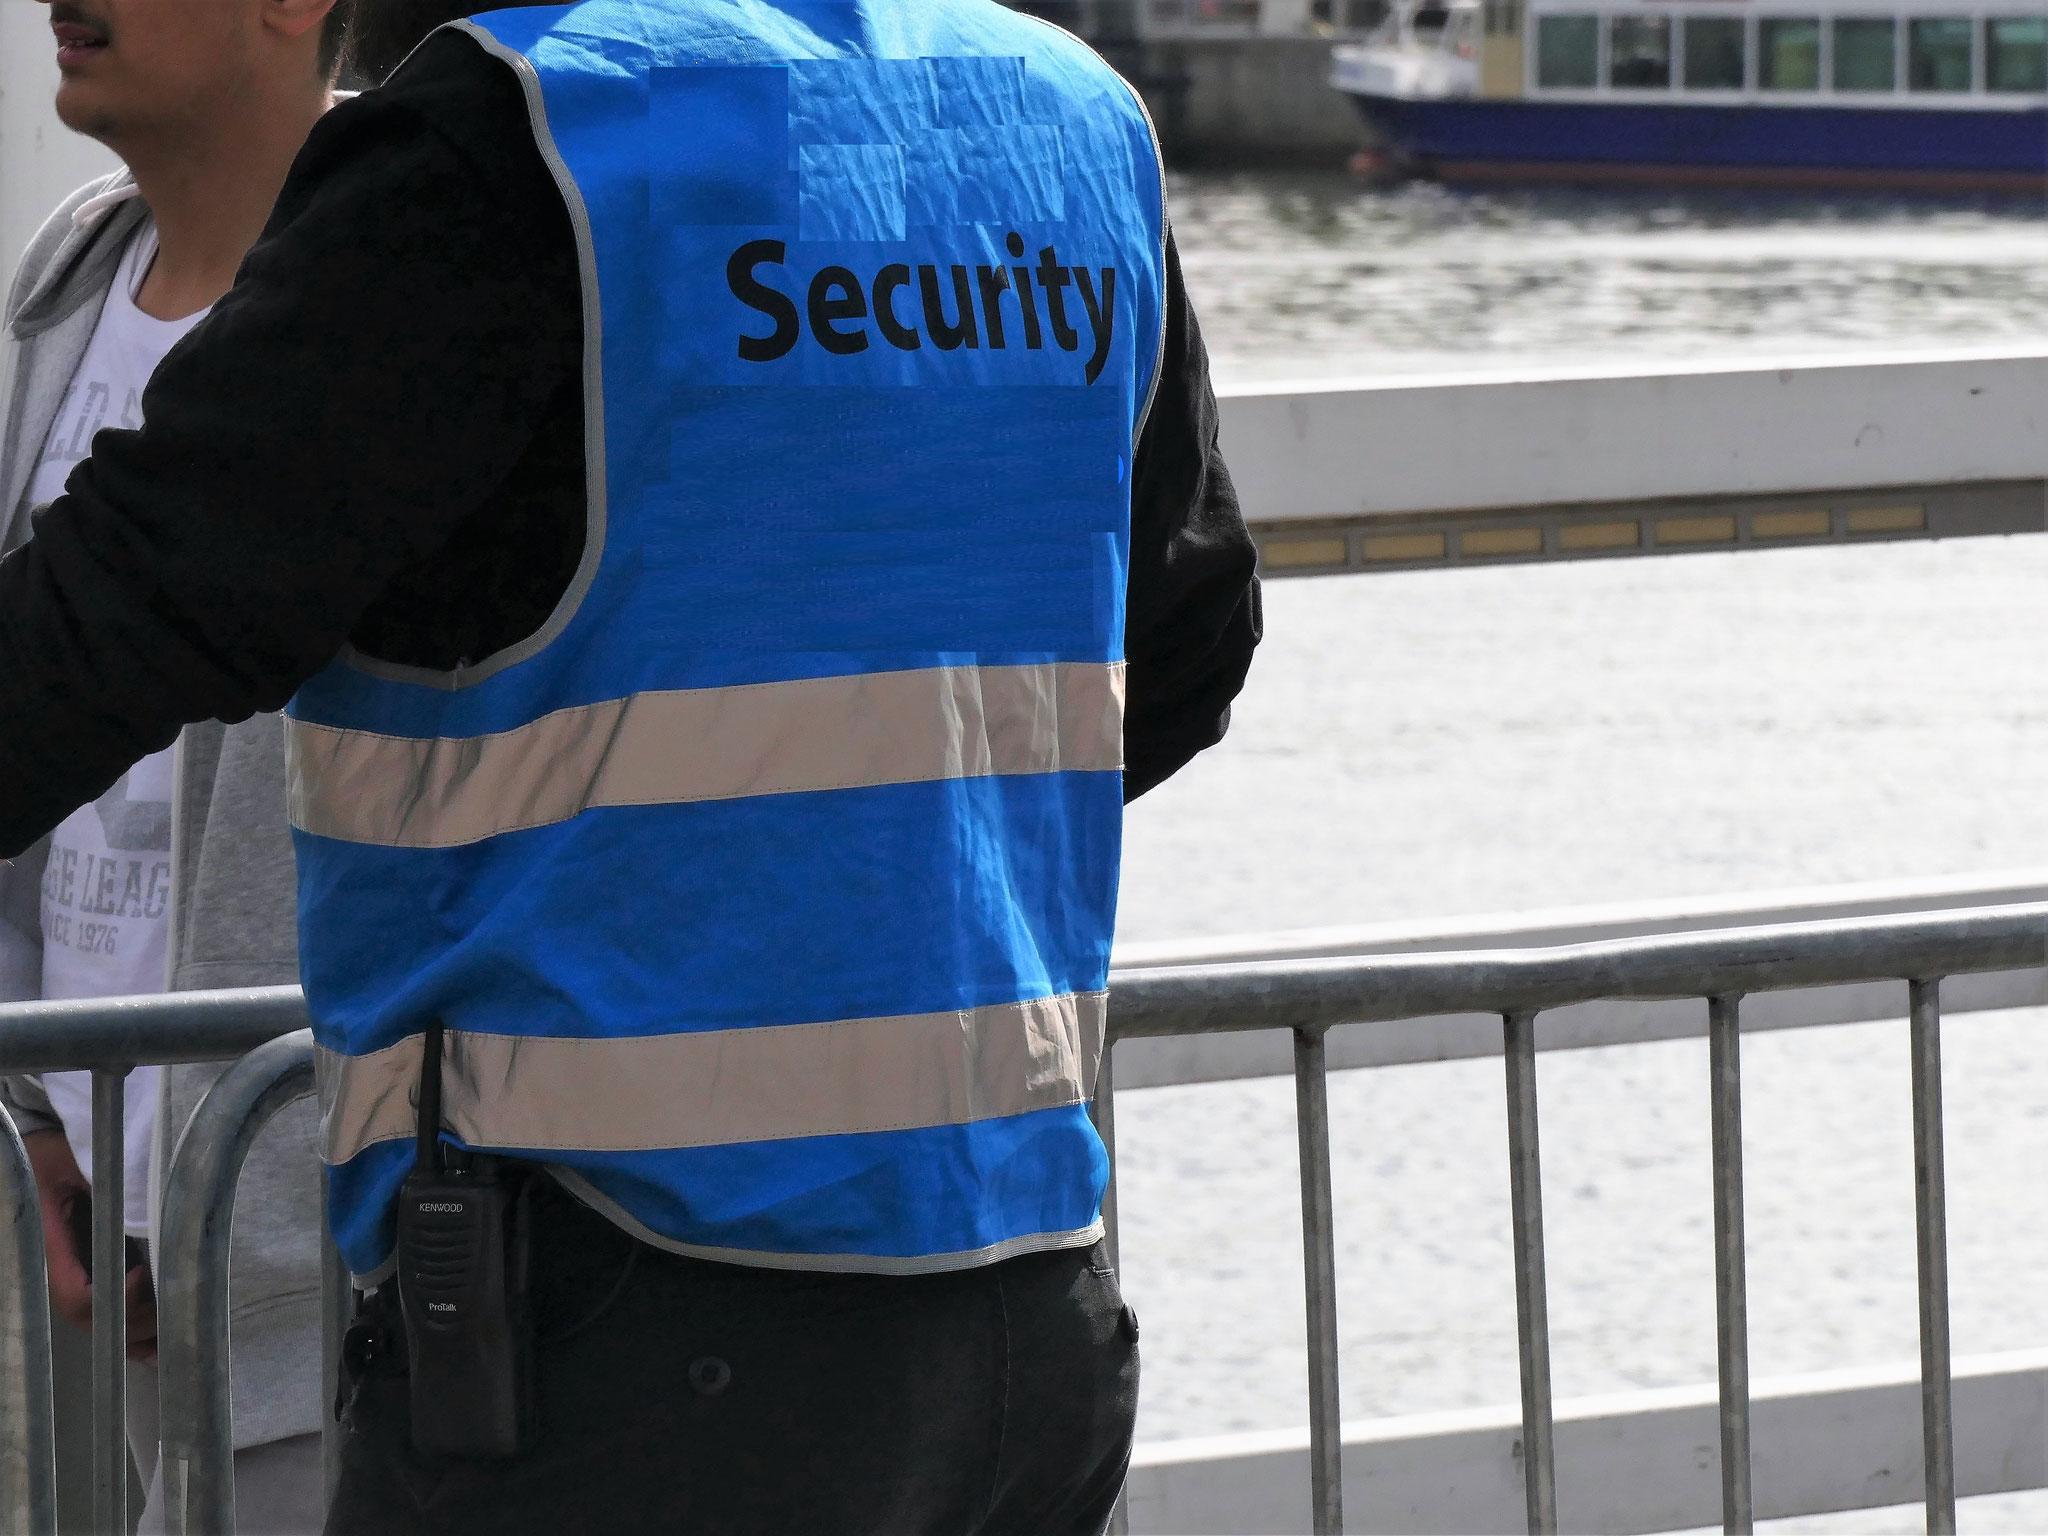 LEDERER_training | Security-Mitarbeiter im öffentlichen Raum - hier: Hörnbrücke bei der Kieler Woche 2018 | Copyright: Jan Lederer